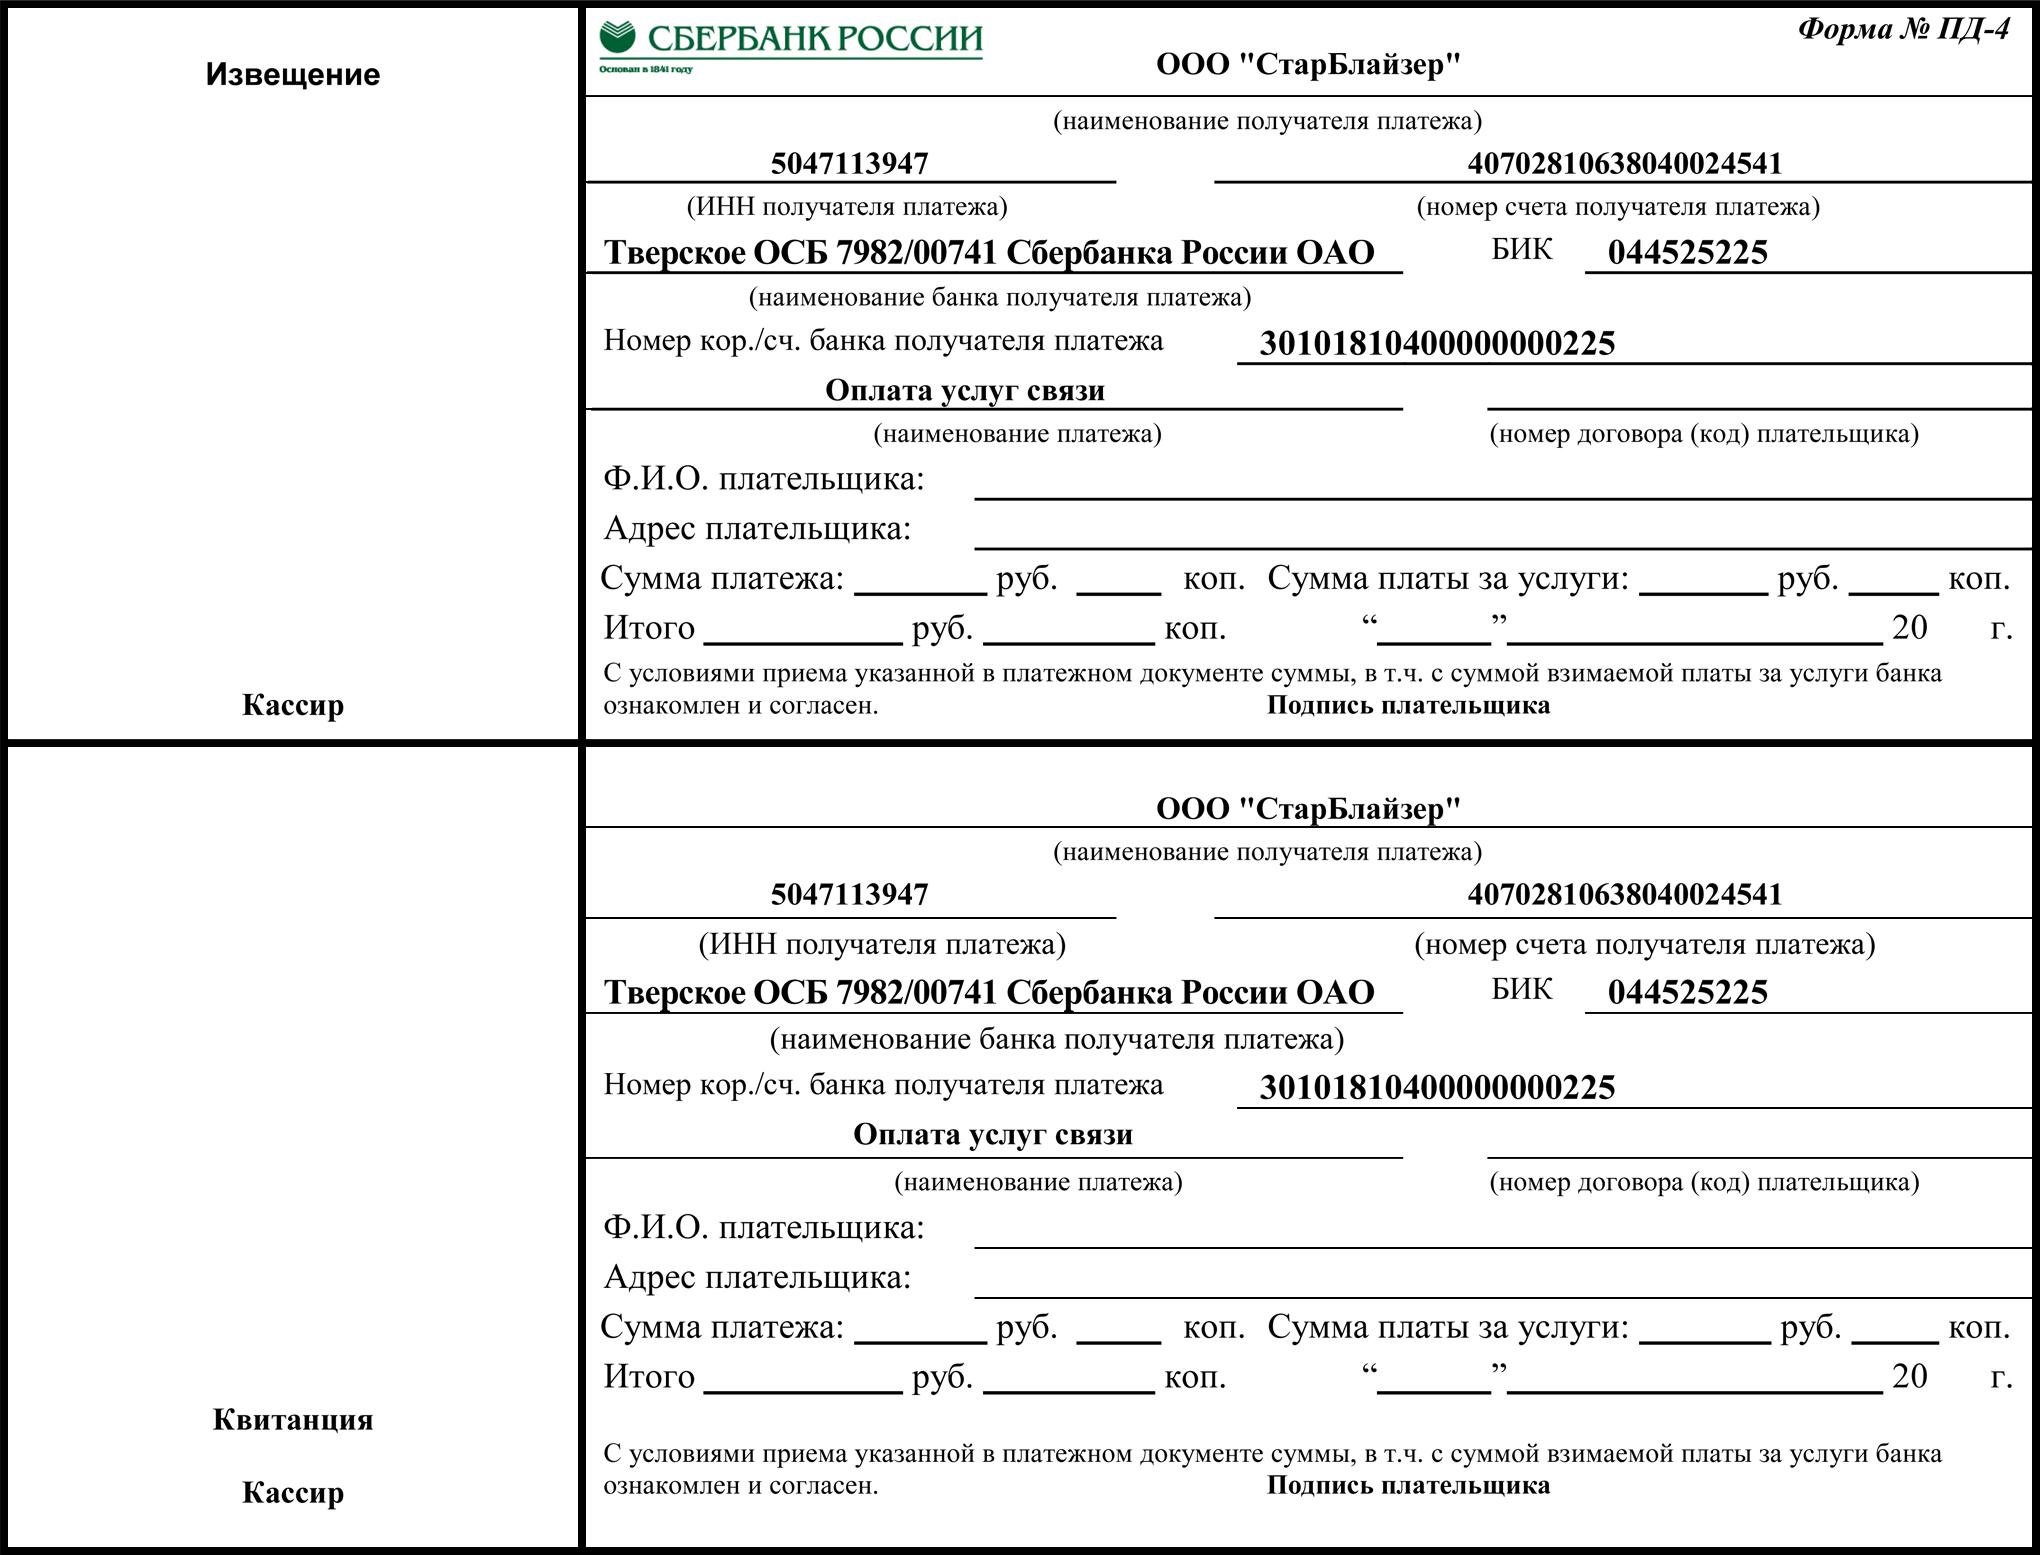 Бланк Квитанции Для Оплаты В Банке